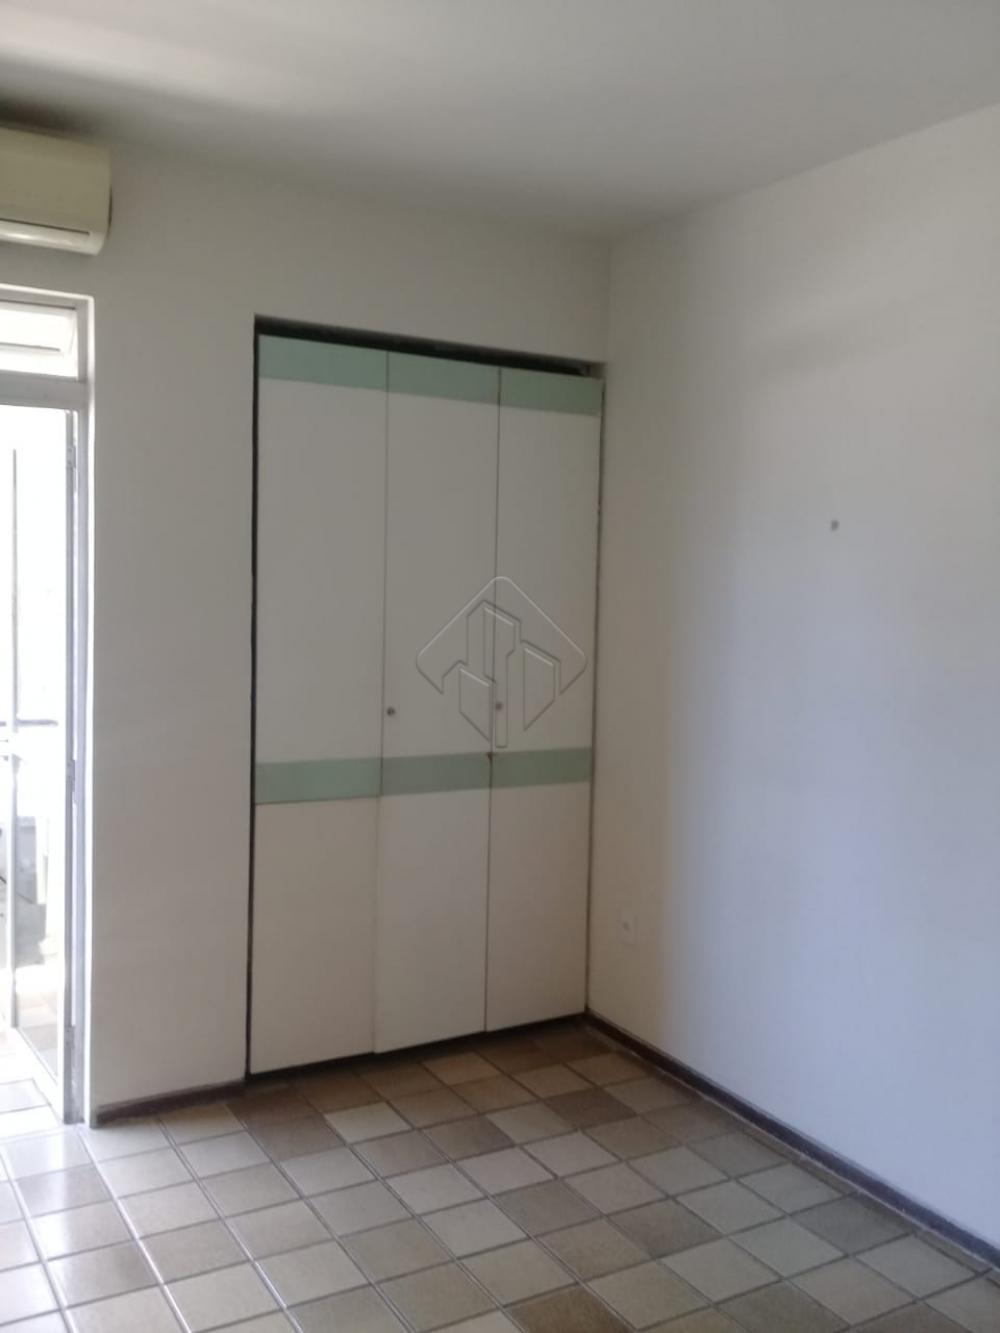 Comprar Apartamento / Padrão em João Pessoa apenas R$ 300.000,00 - Foto 13